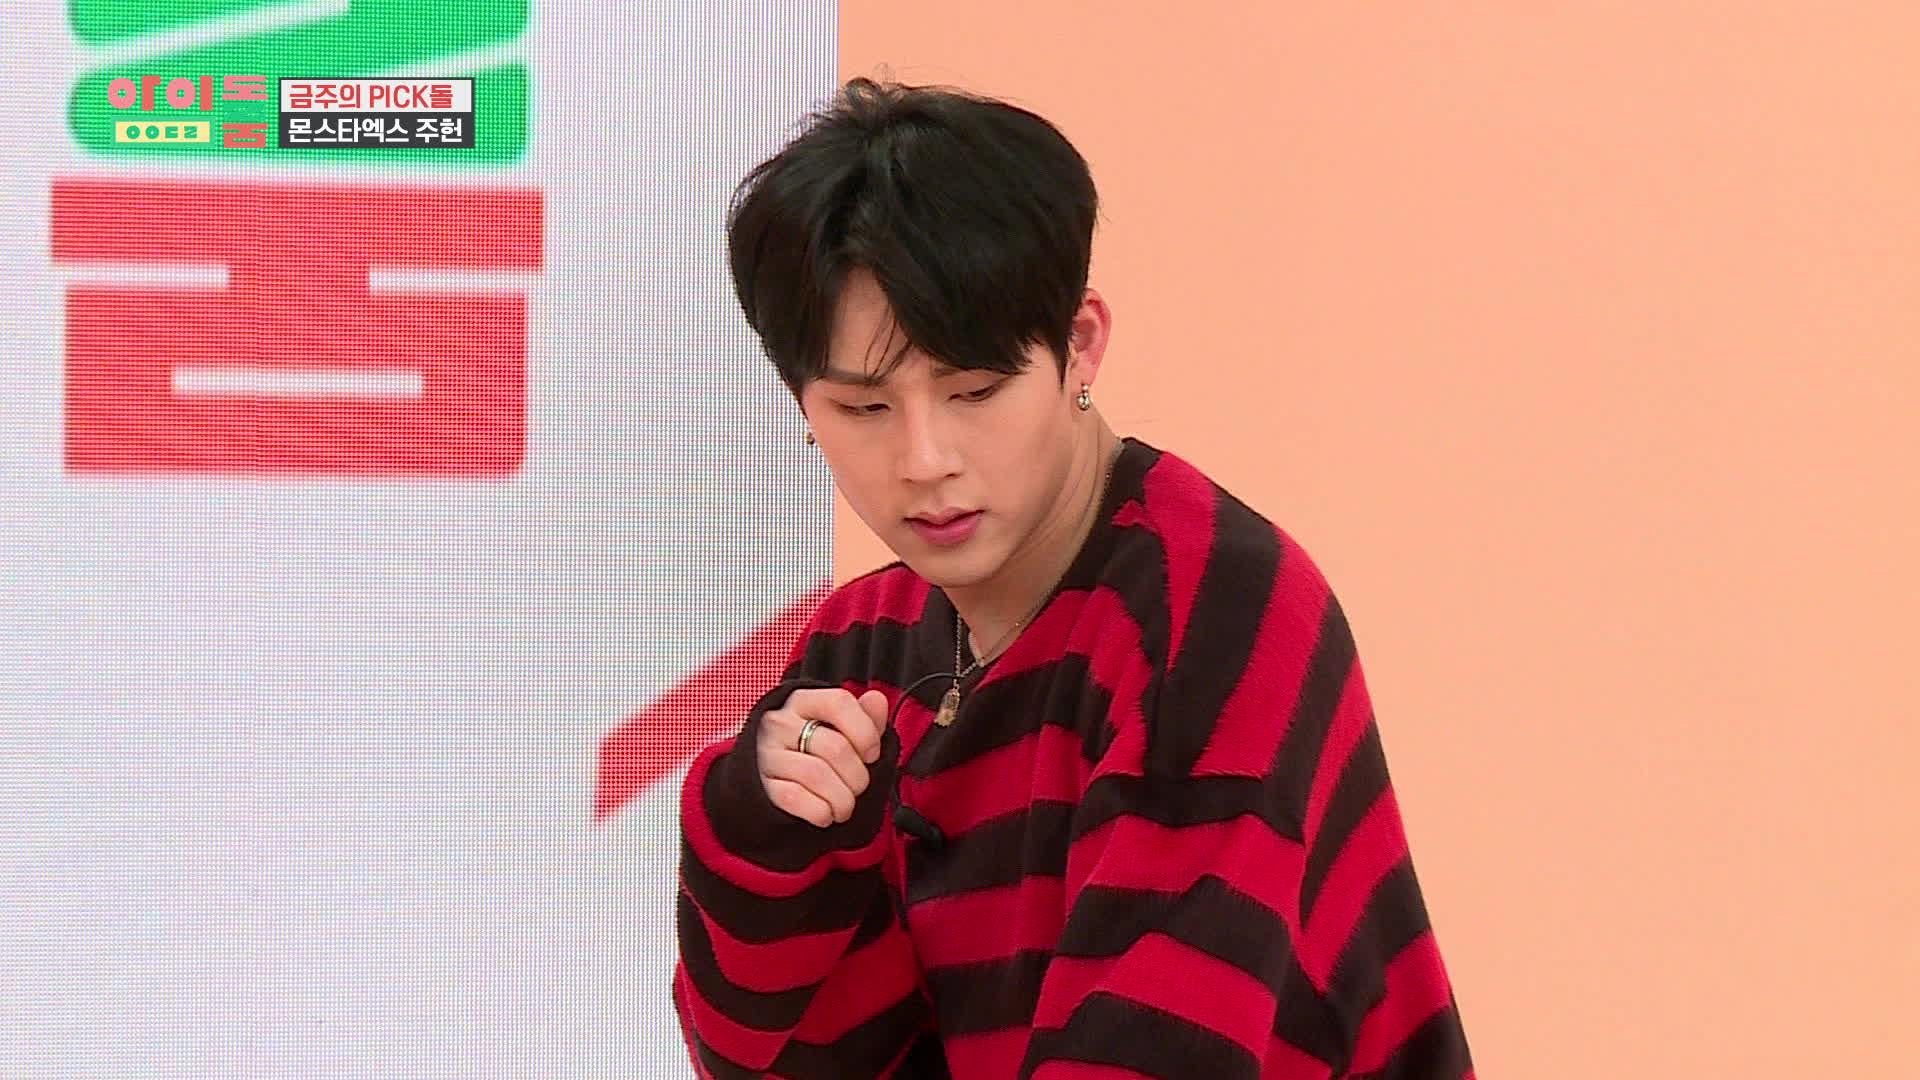 아이돌룸(IDOL ROOM) 39회 주Honey캠 - 신곡 나노댄스♬